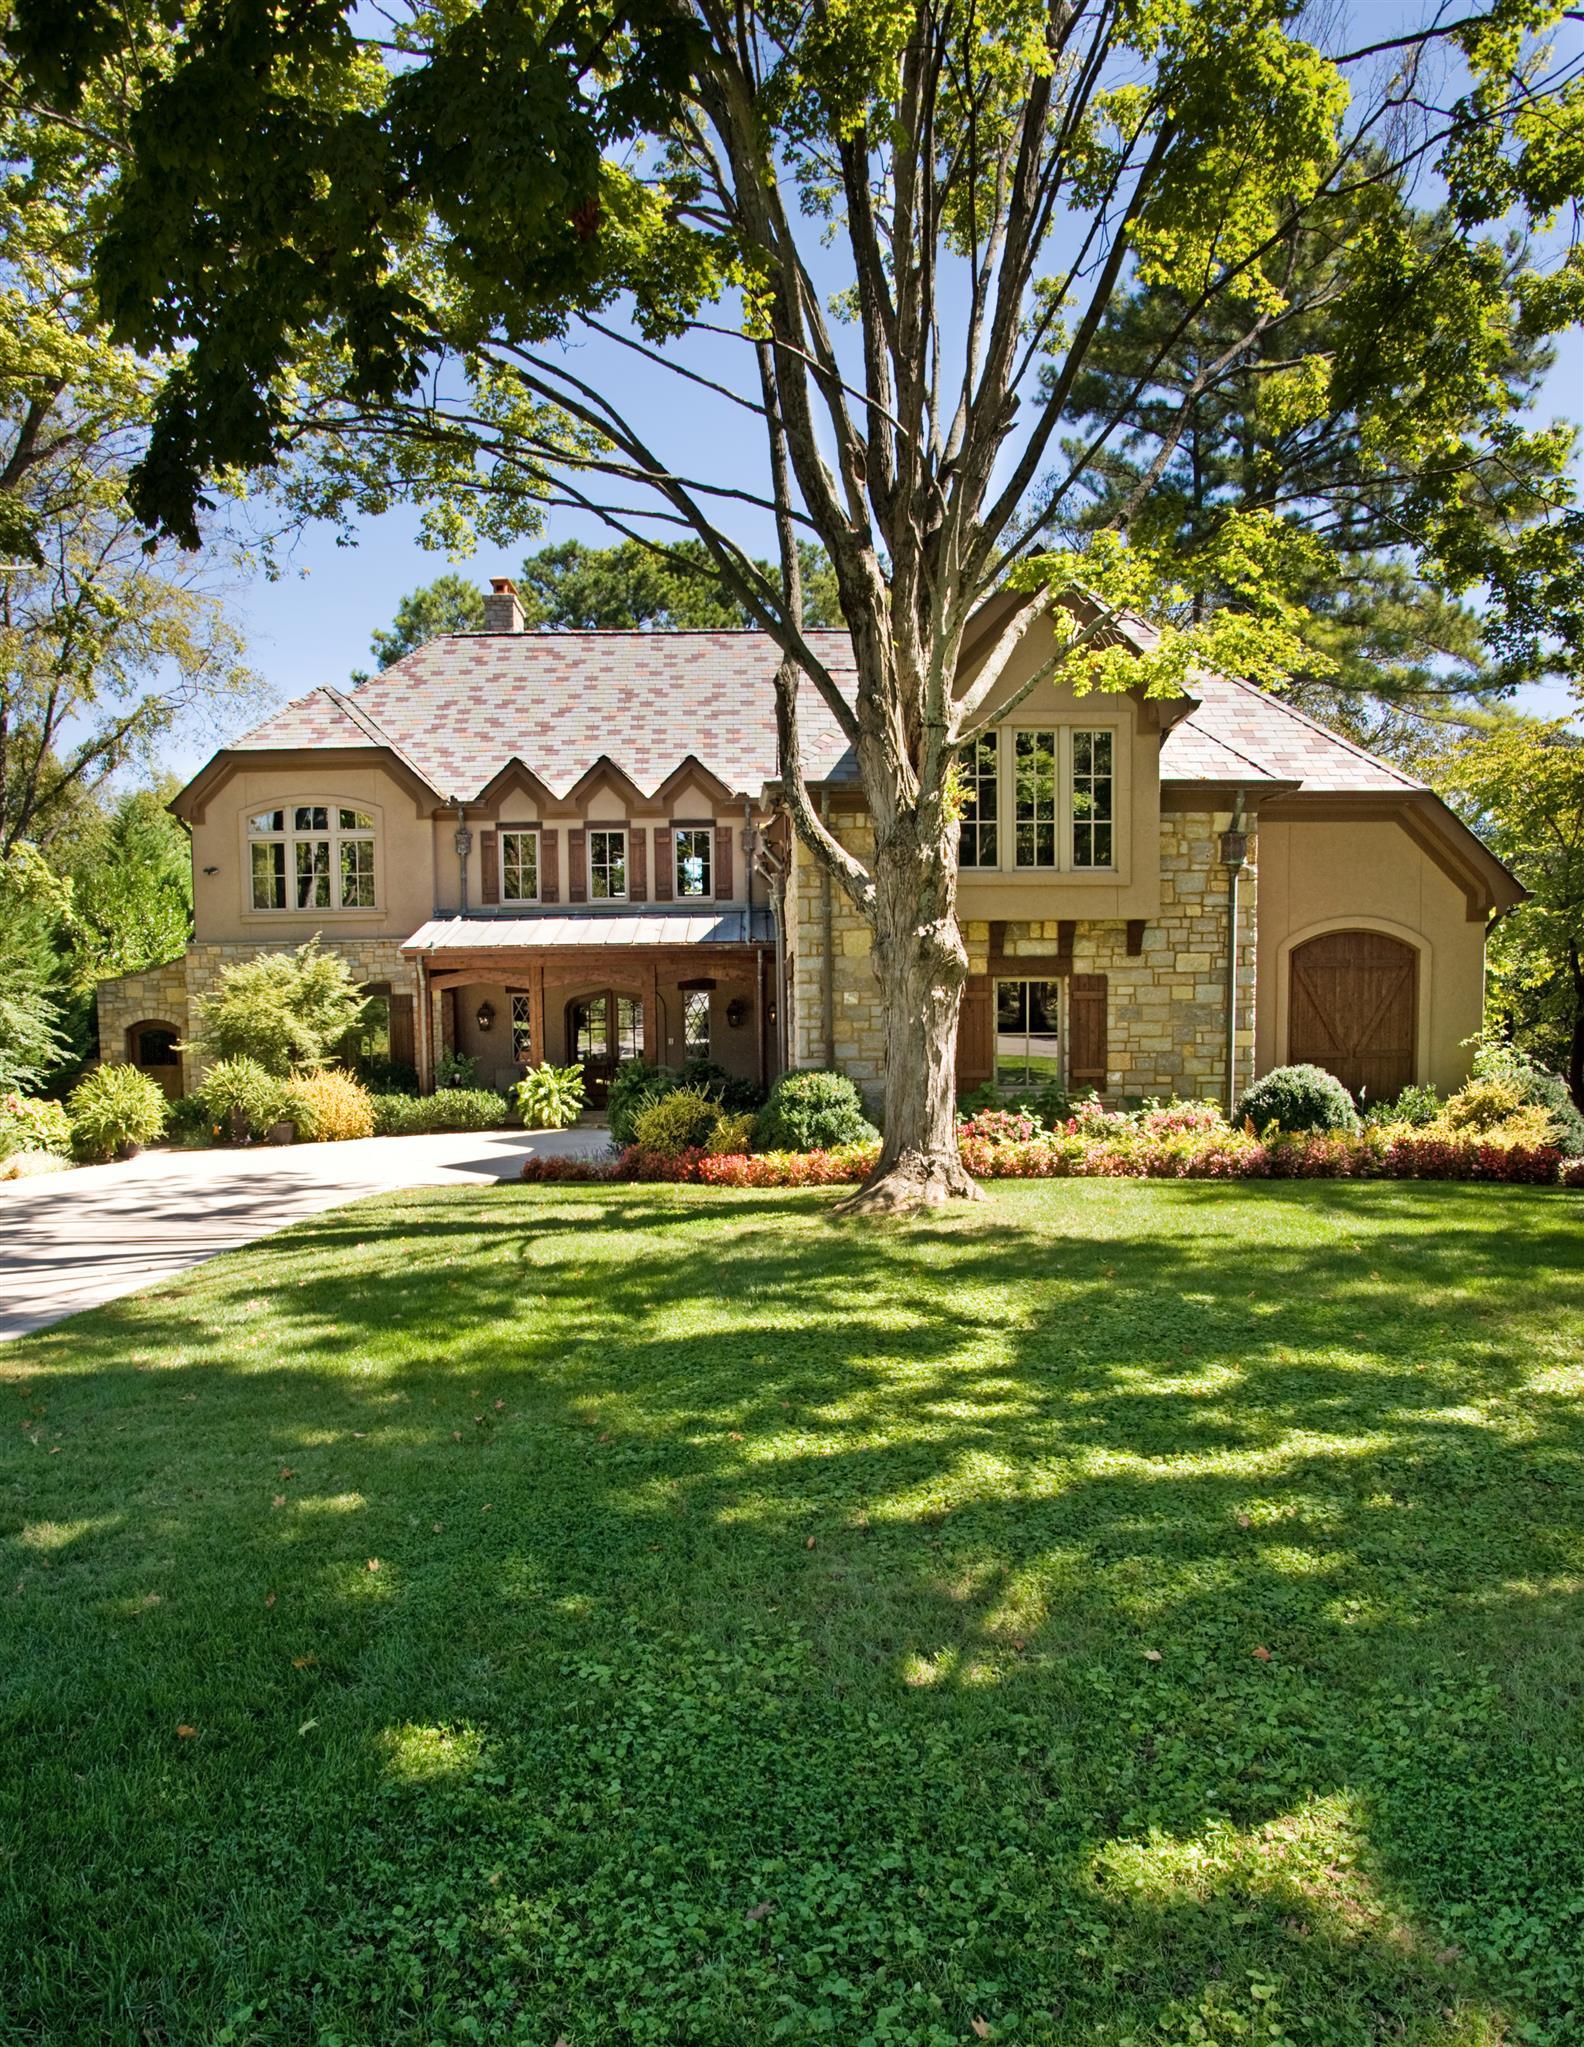 4106 Sneed Rd, Nashville, TN 37215 - Nashville, TN real estate listing